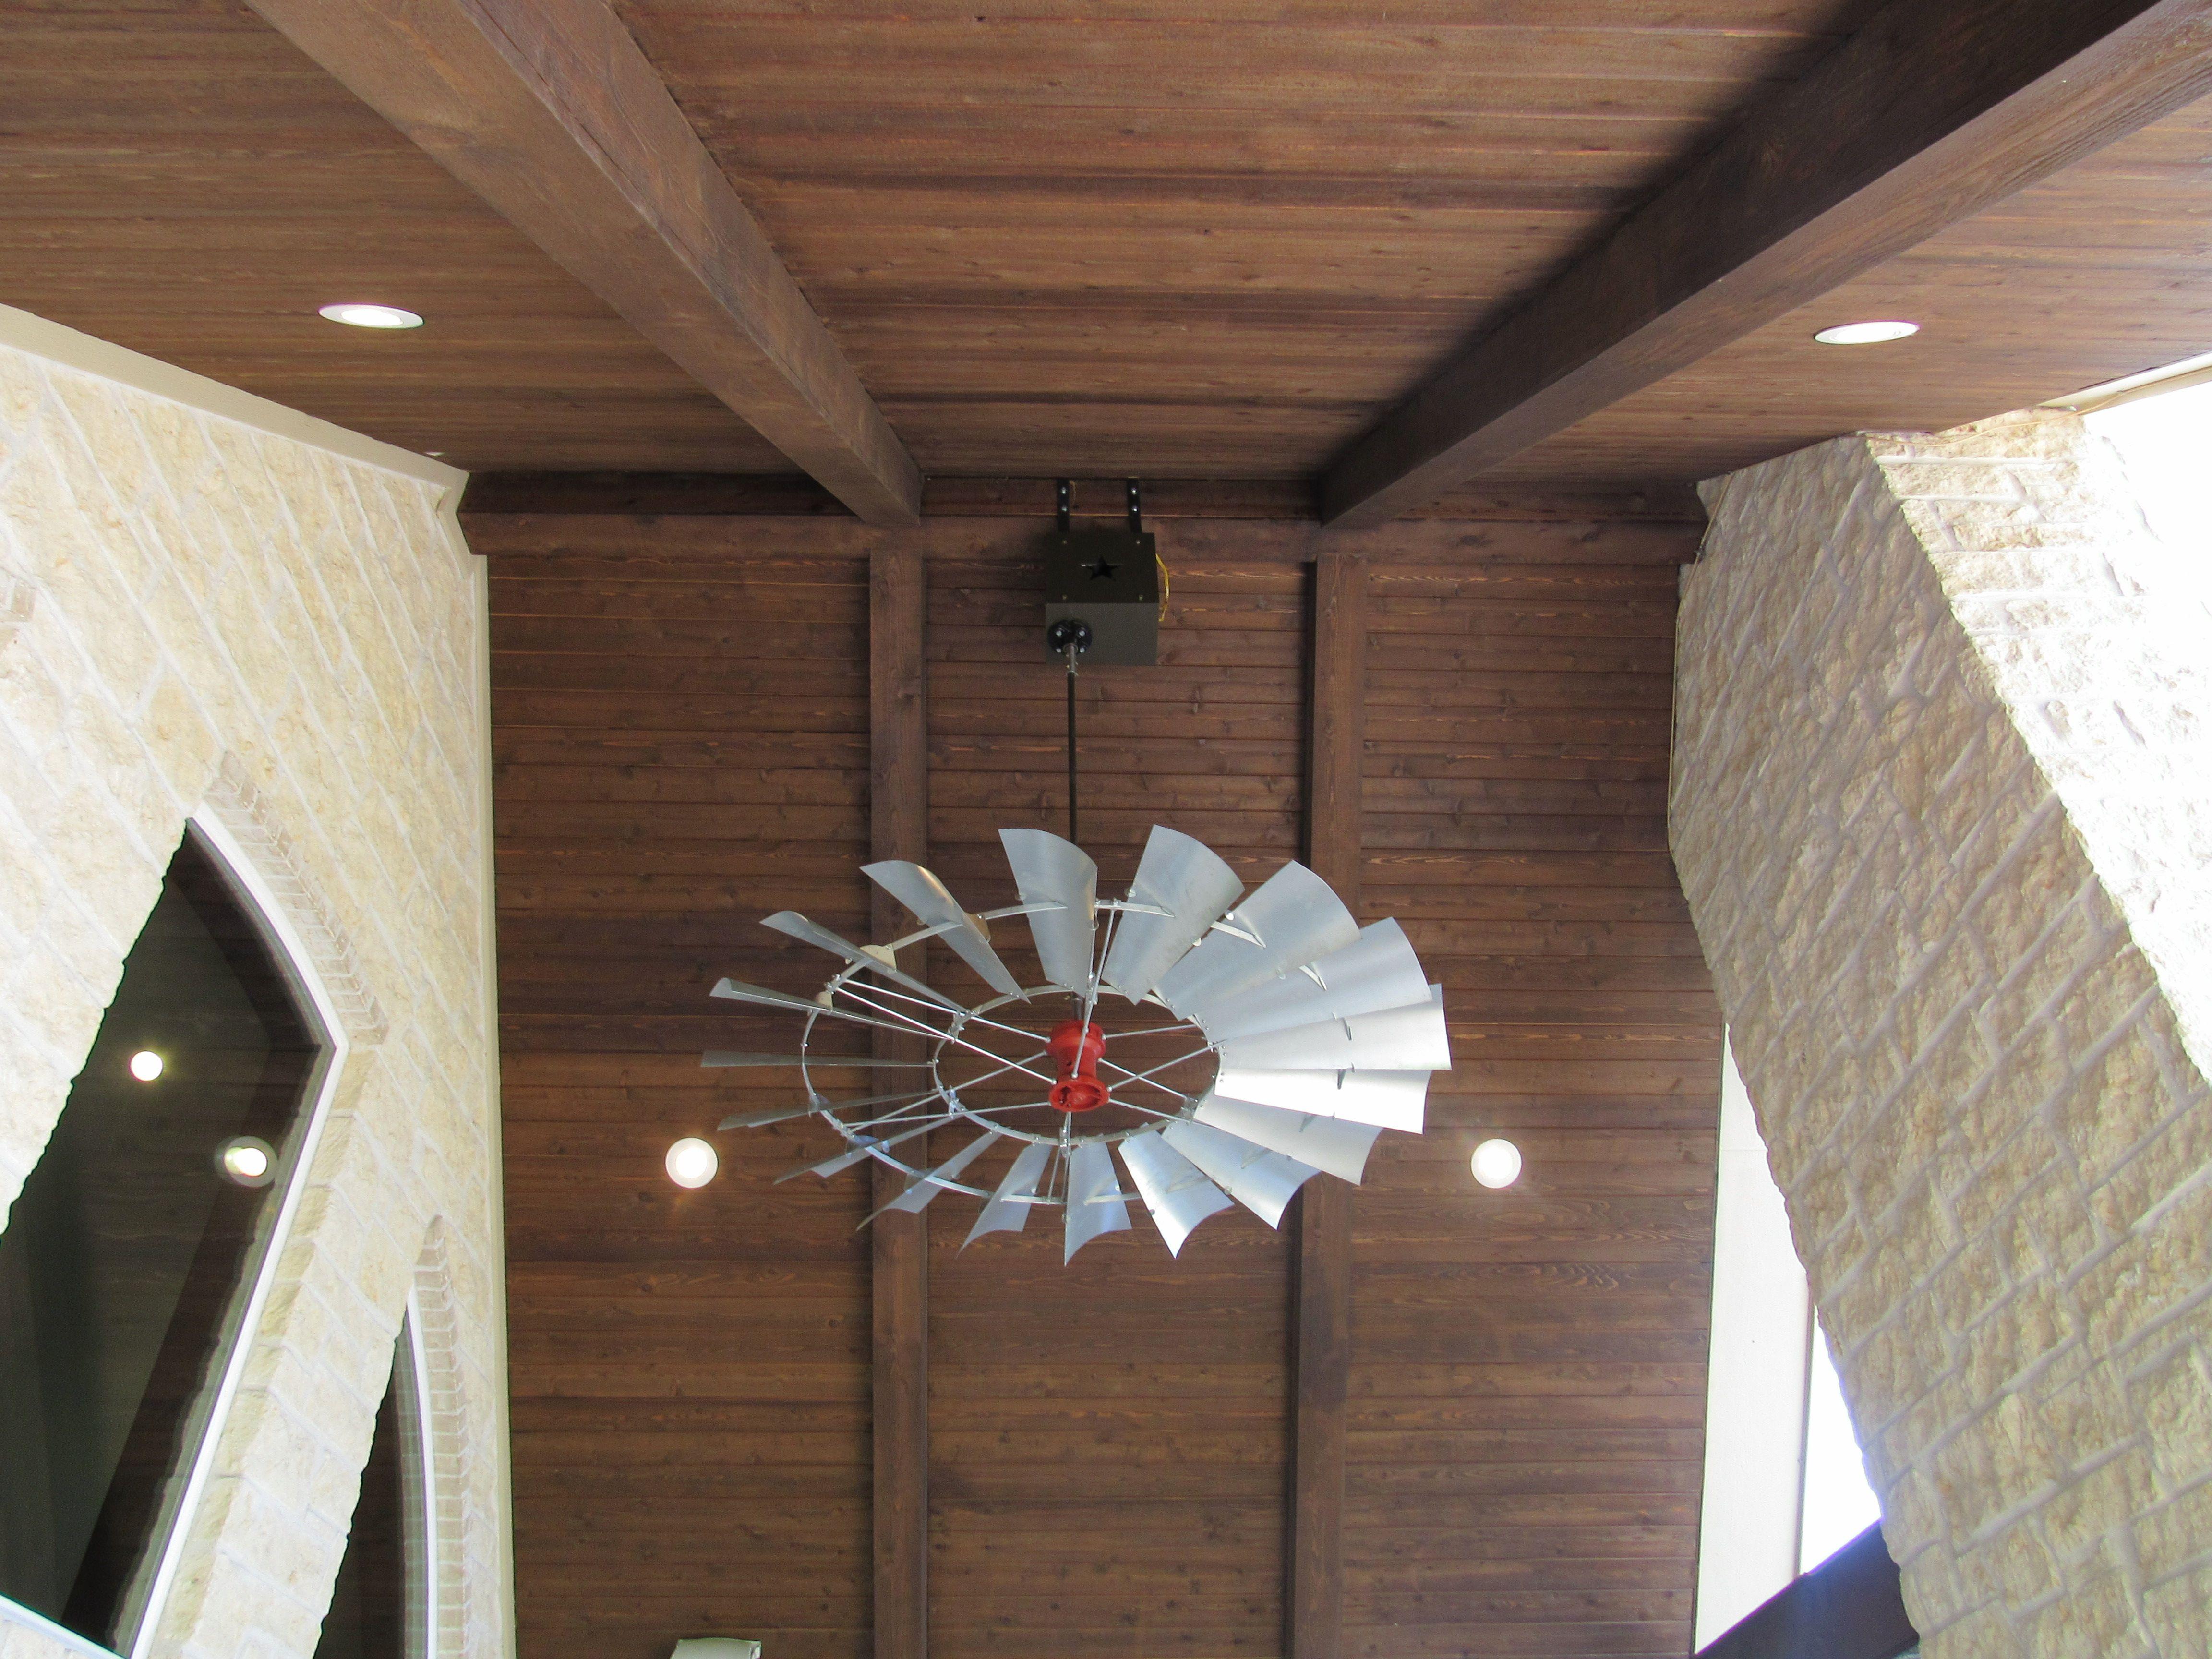 6 New Aermotor Windmill Ceiling Fan WCFTX Fans